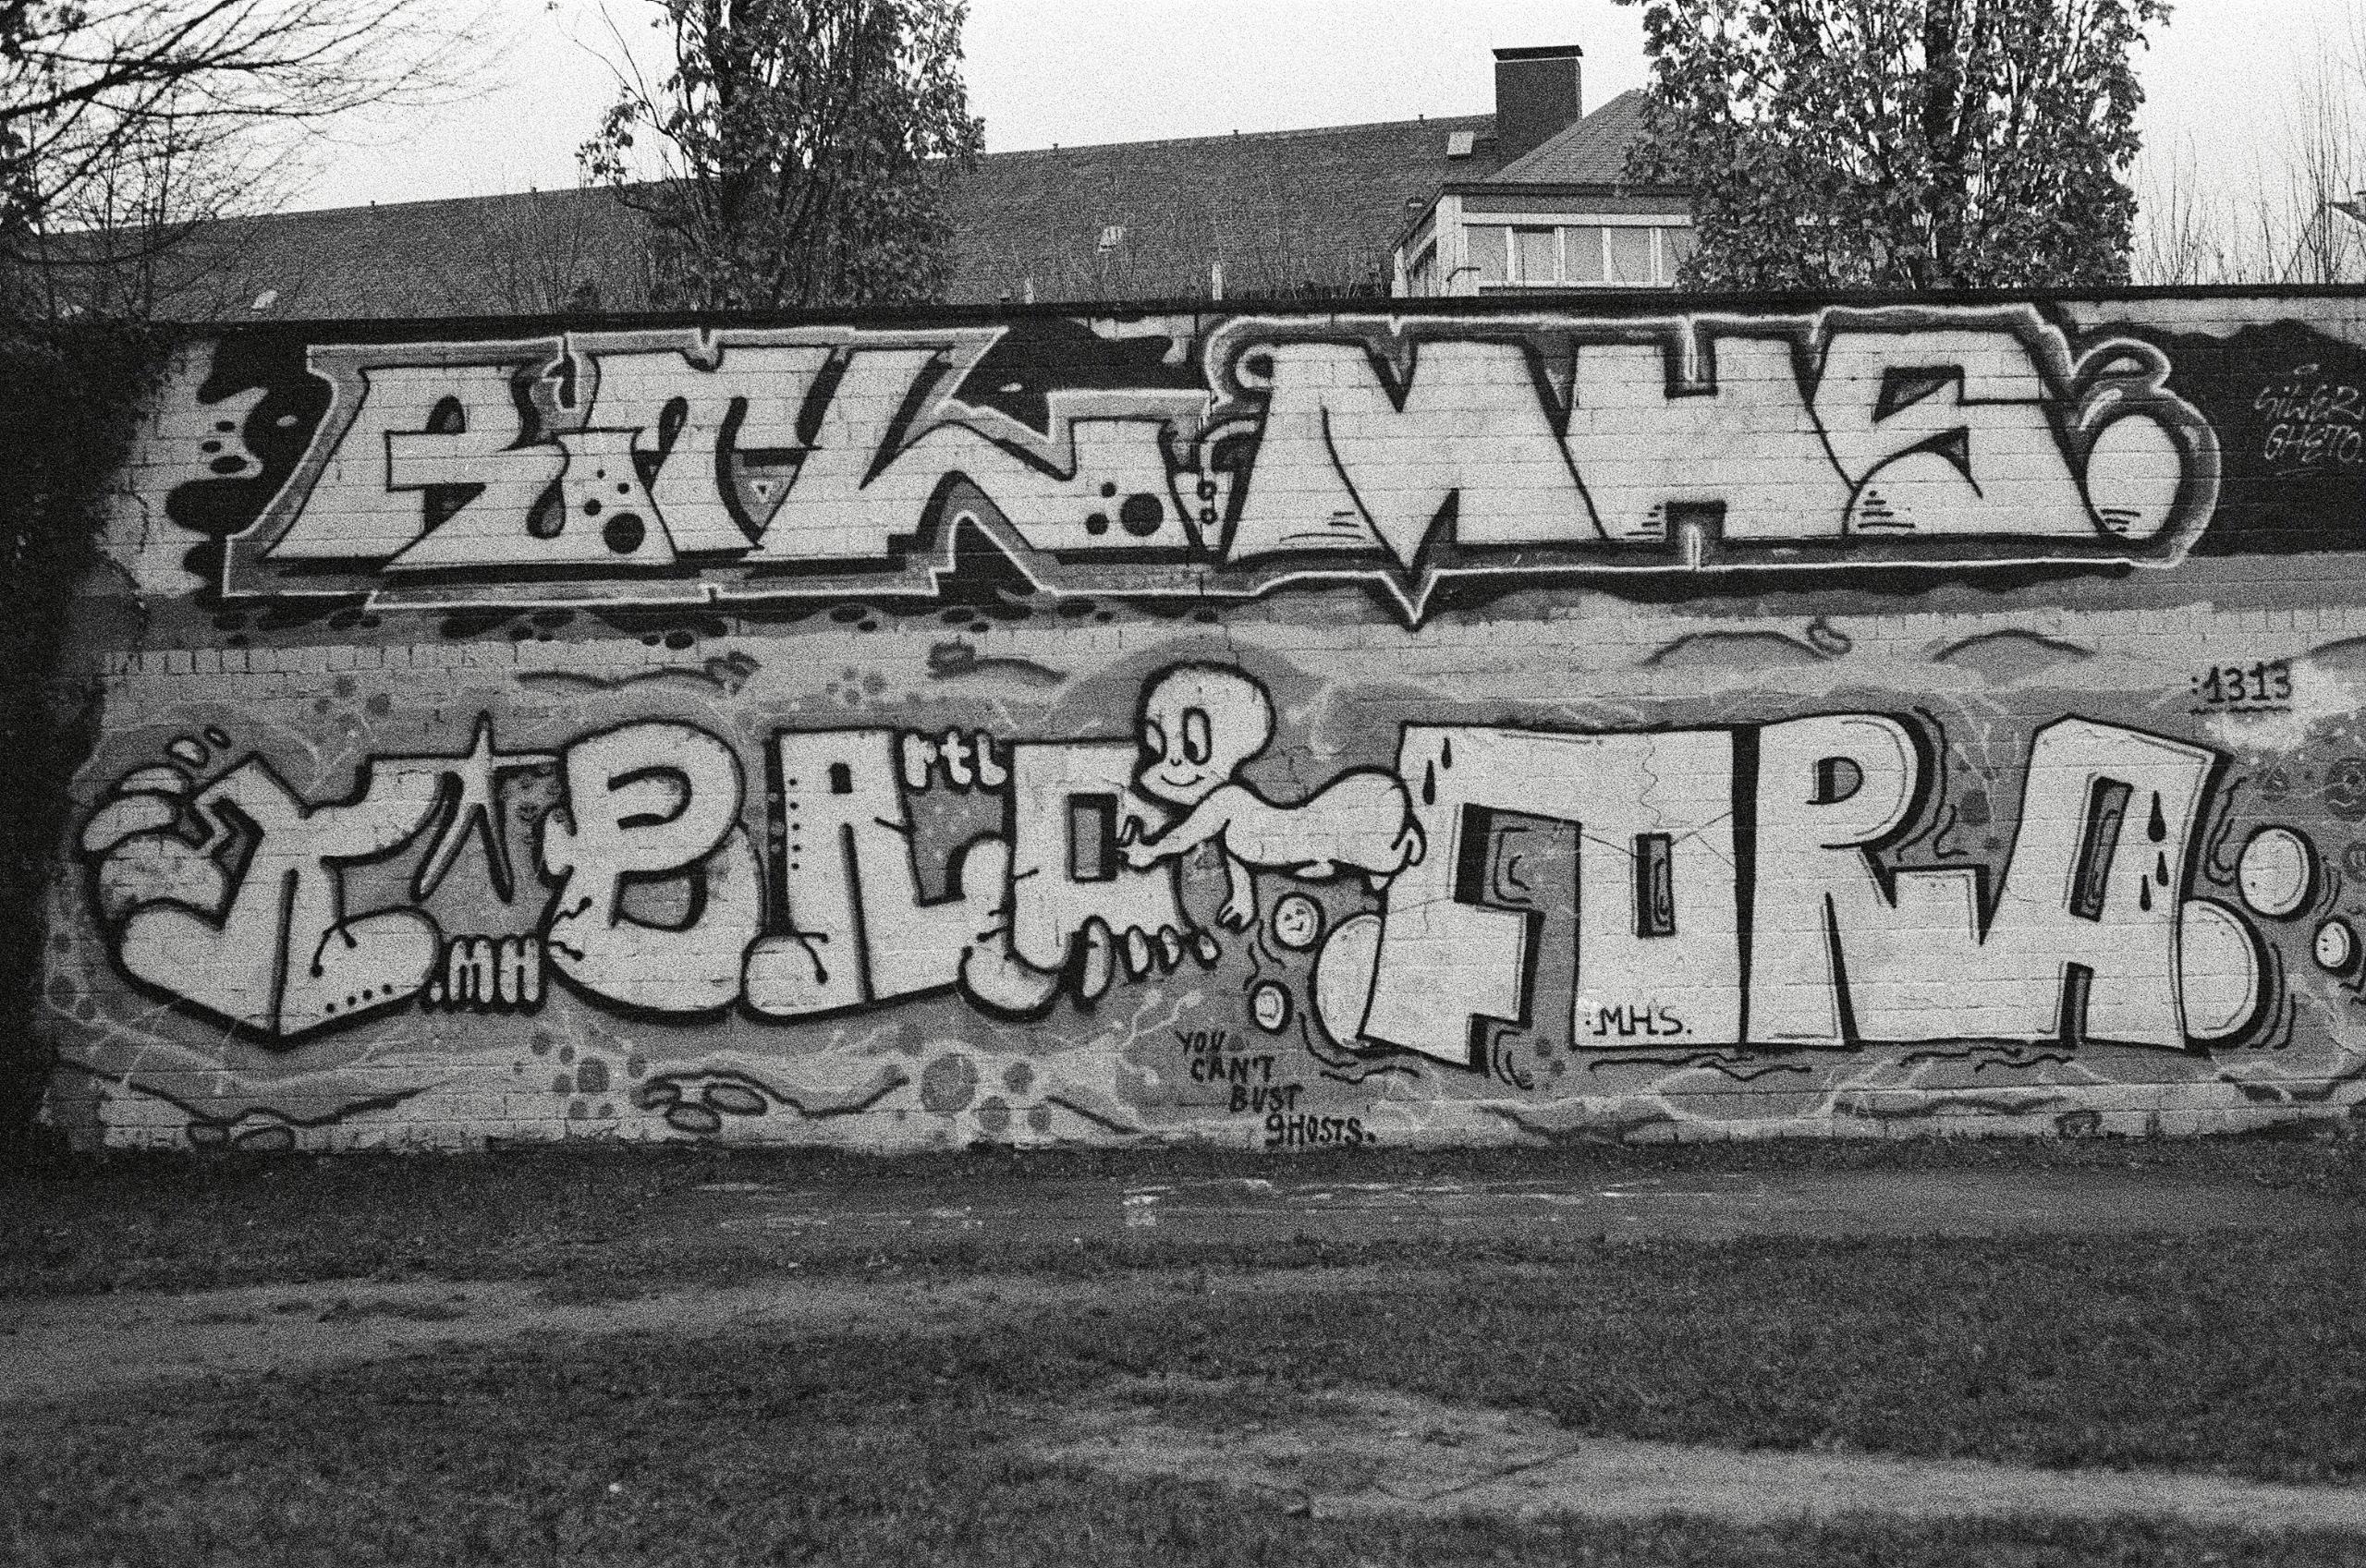 Graffiti Camera: PENTAX smc 1:1 - walter_ac | ello